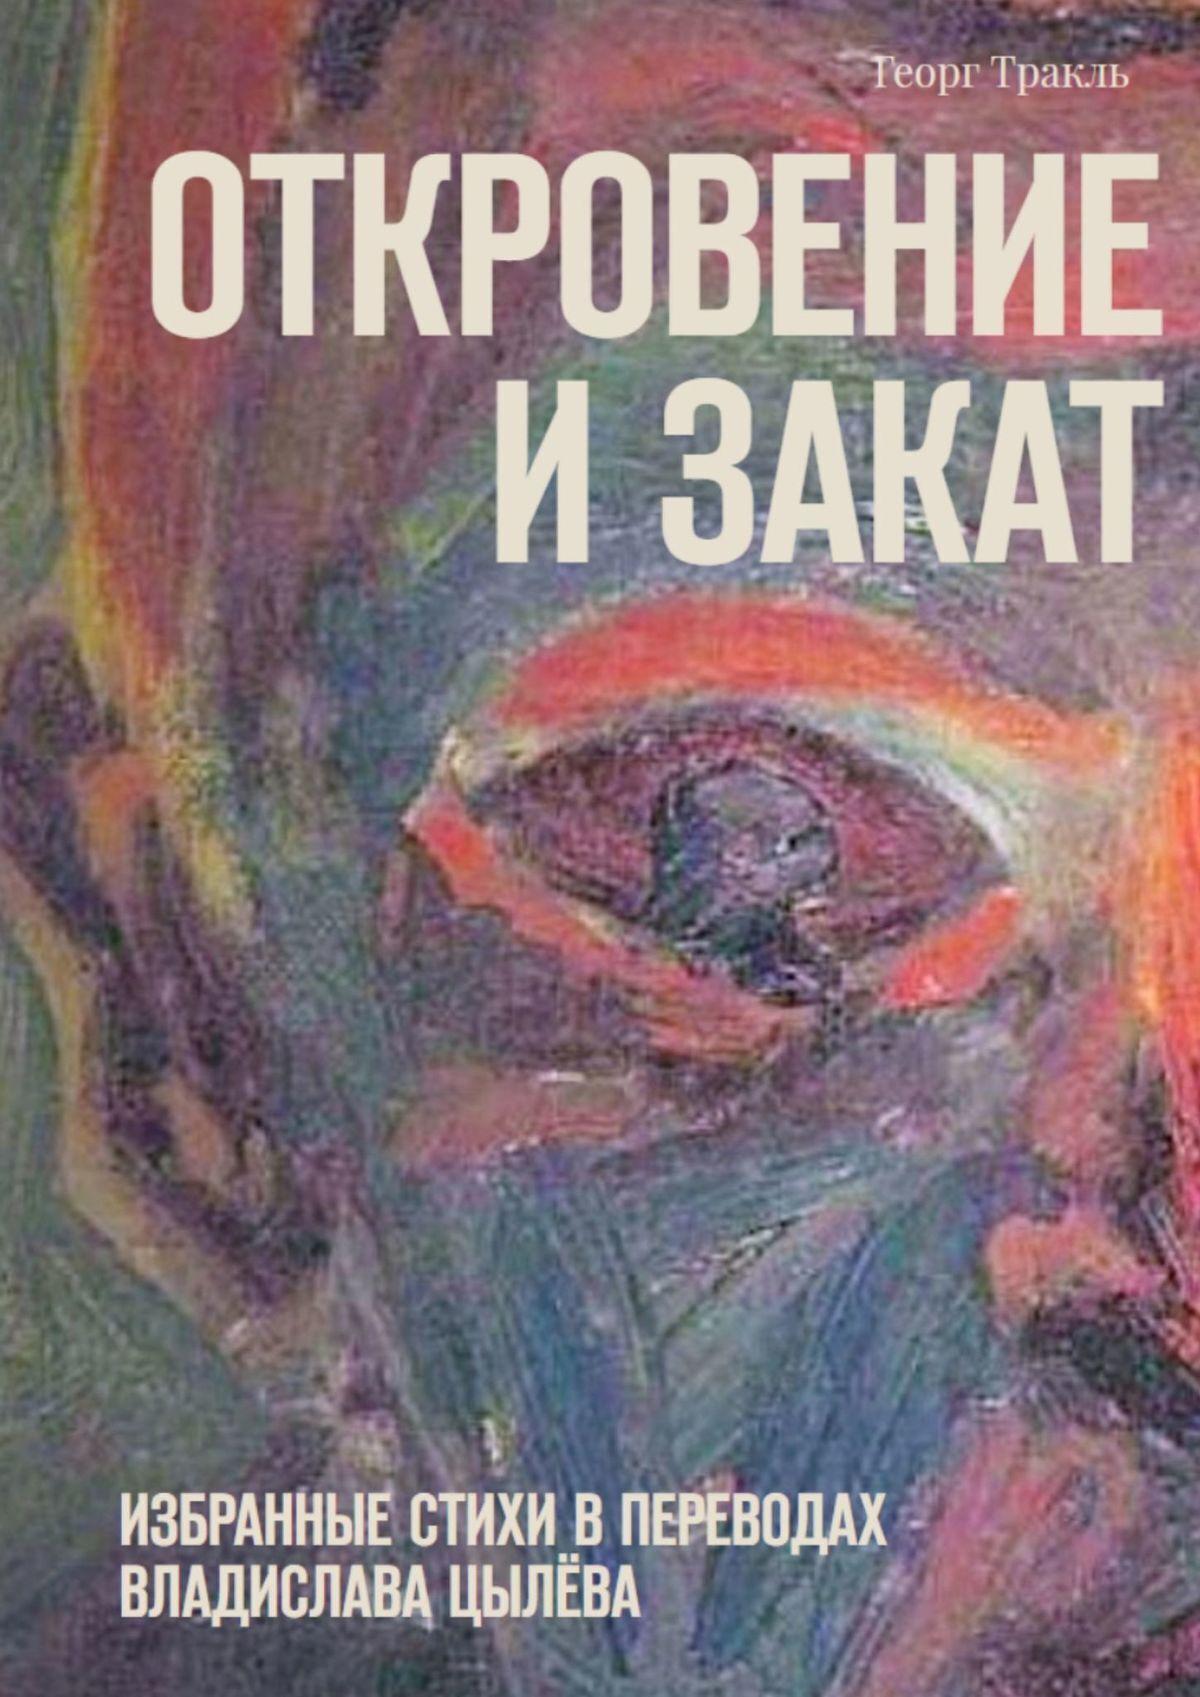 Откровение изакат. Избранные стихи впереводах Владислава Цылёва